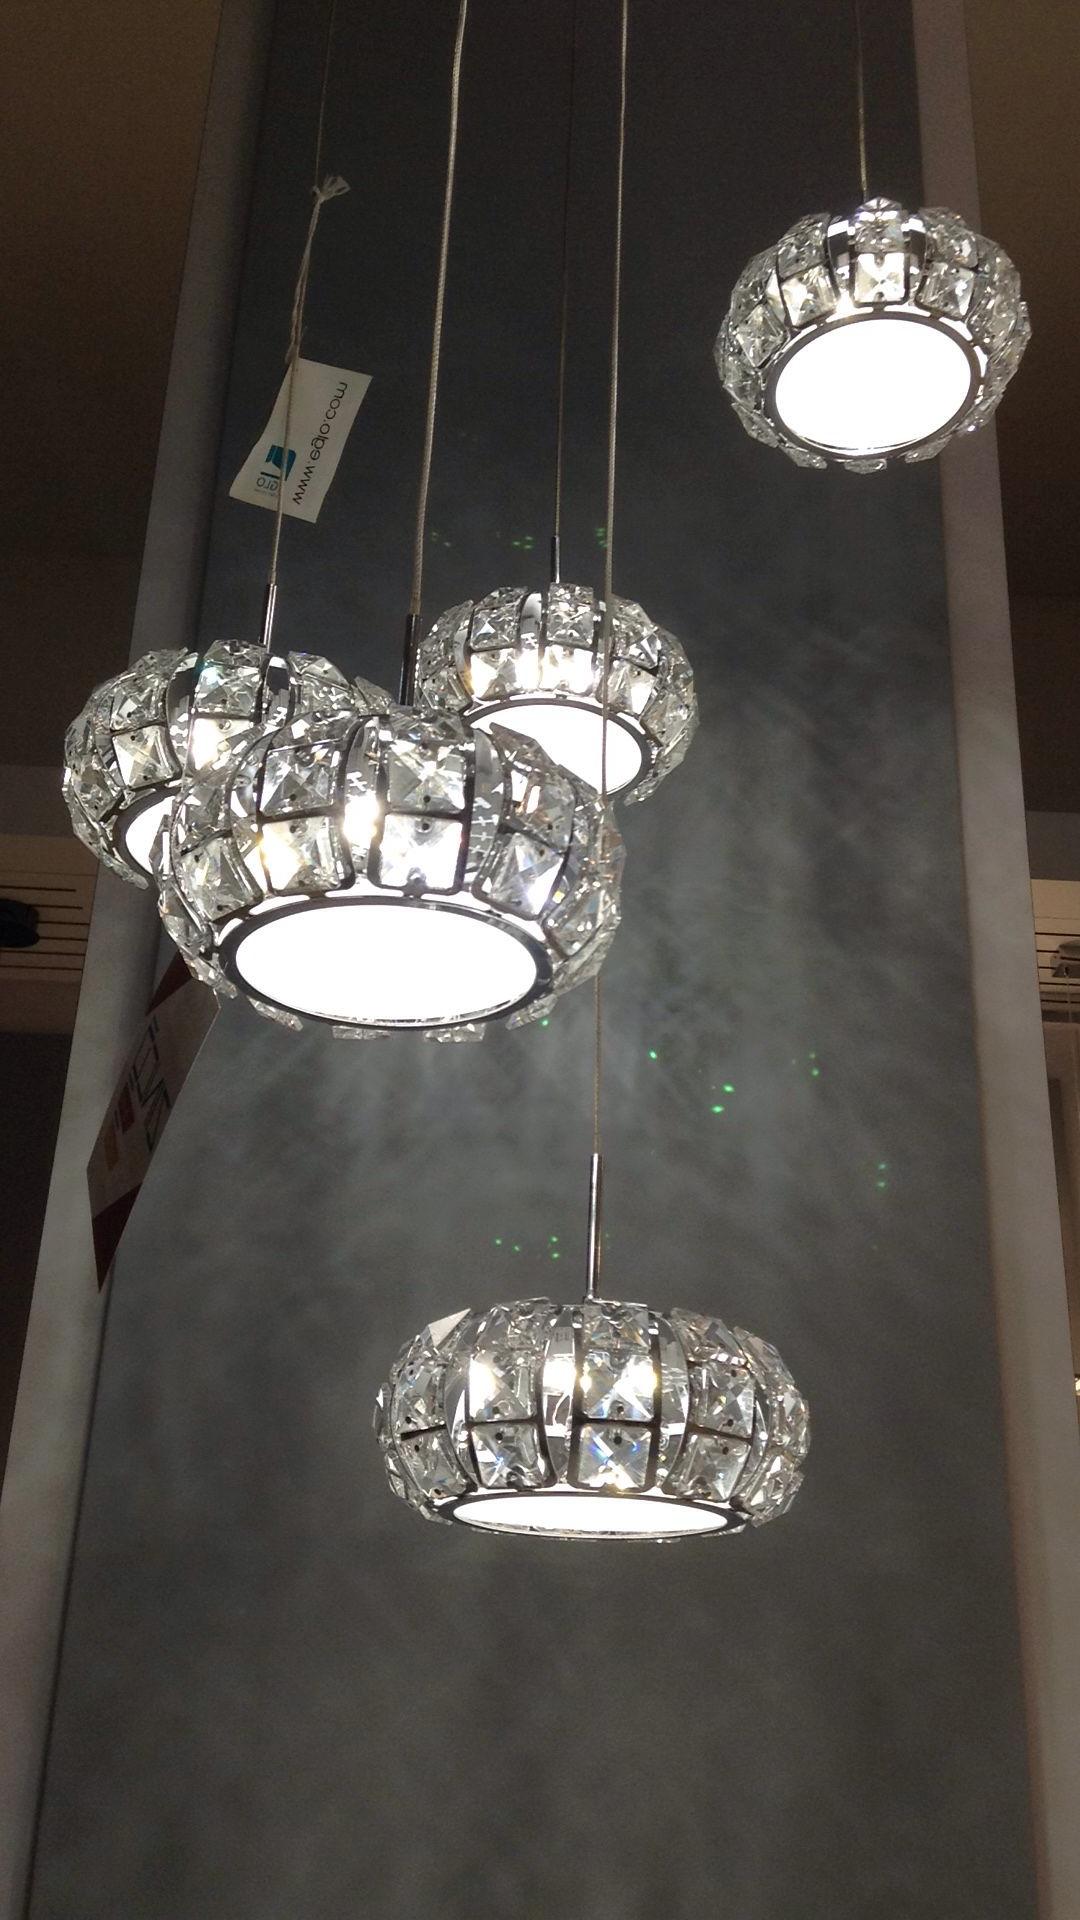 Lampara Corleano Colg Marca Eglo Diaponible En Nuestra Regarding Fashionable Guro 1 Light Cone Pendants (View 9 of 20)